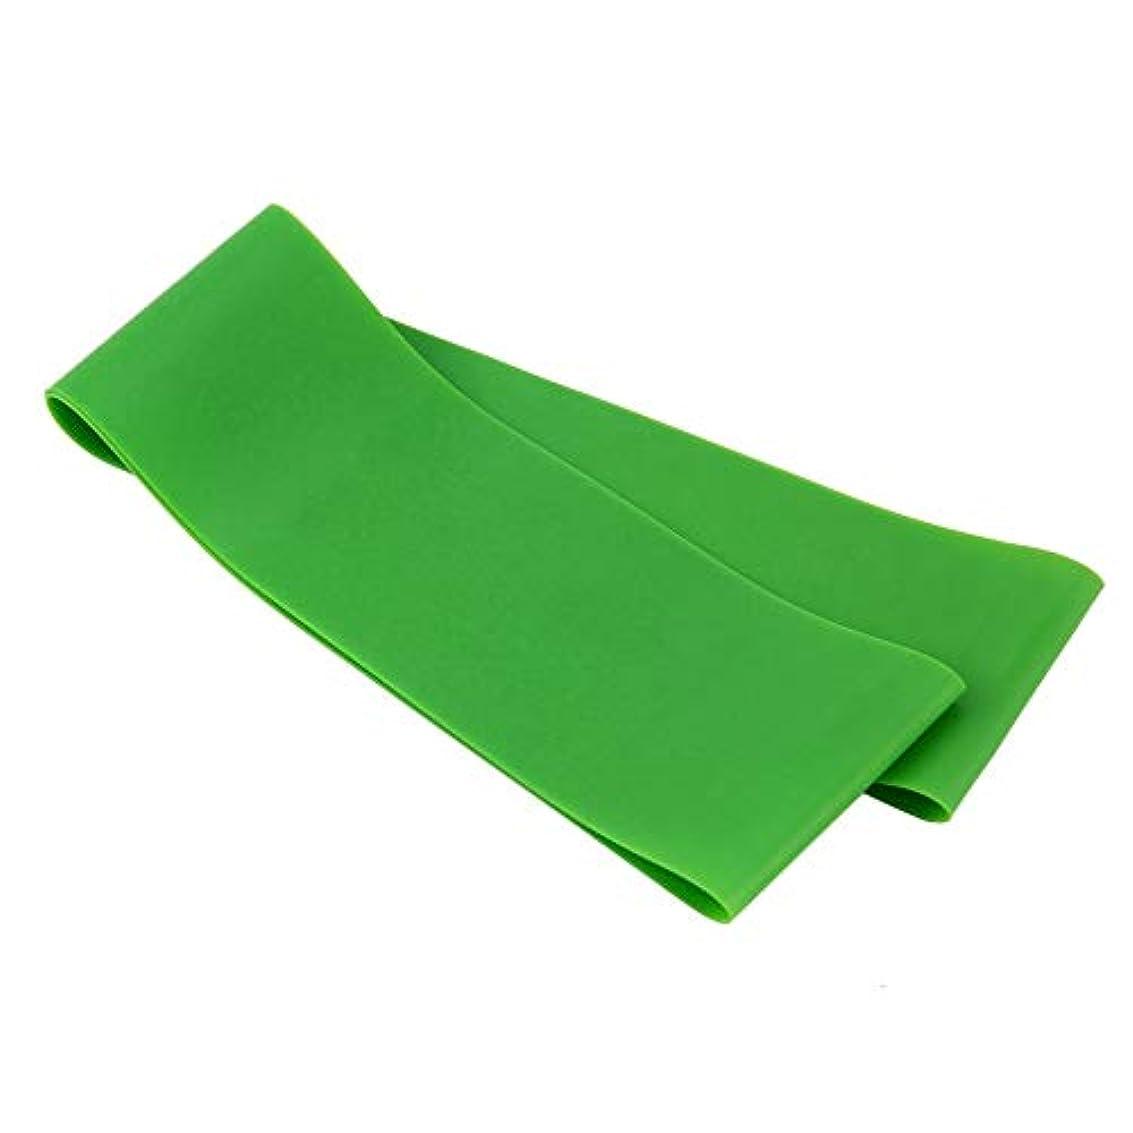 心理的に砂テーマ滑り止め伸縮性ゴム弾性ヨガベルトバンドプルロープ張力抵抗バンドループ強度のためのフィットネスヨガツール - グリーン